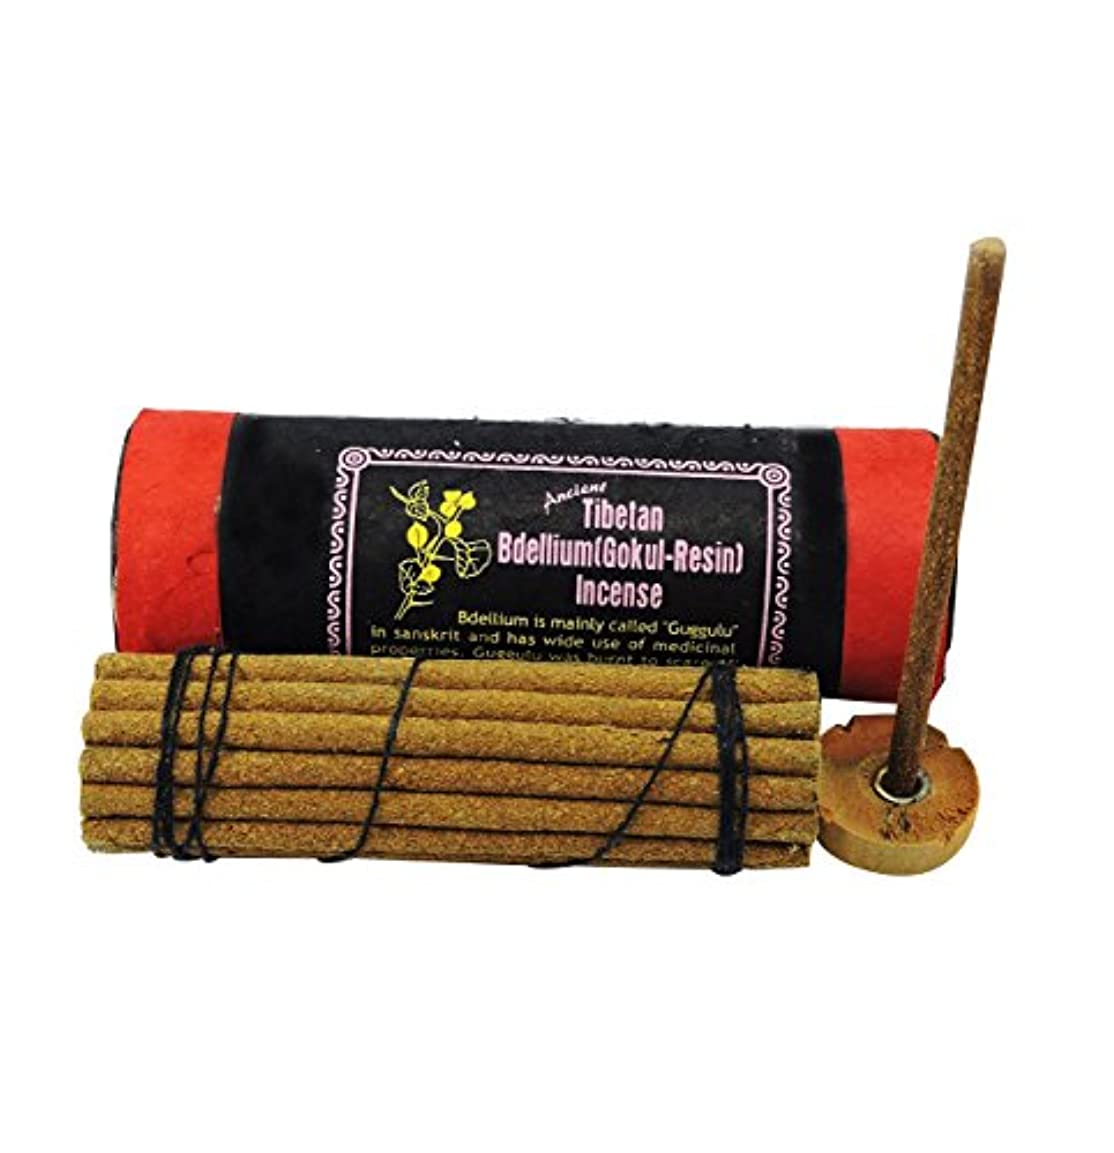 崩壊リラックス資格情報Ancient Tibetan Bdellium gokul-樹脂Incense